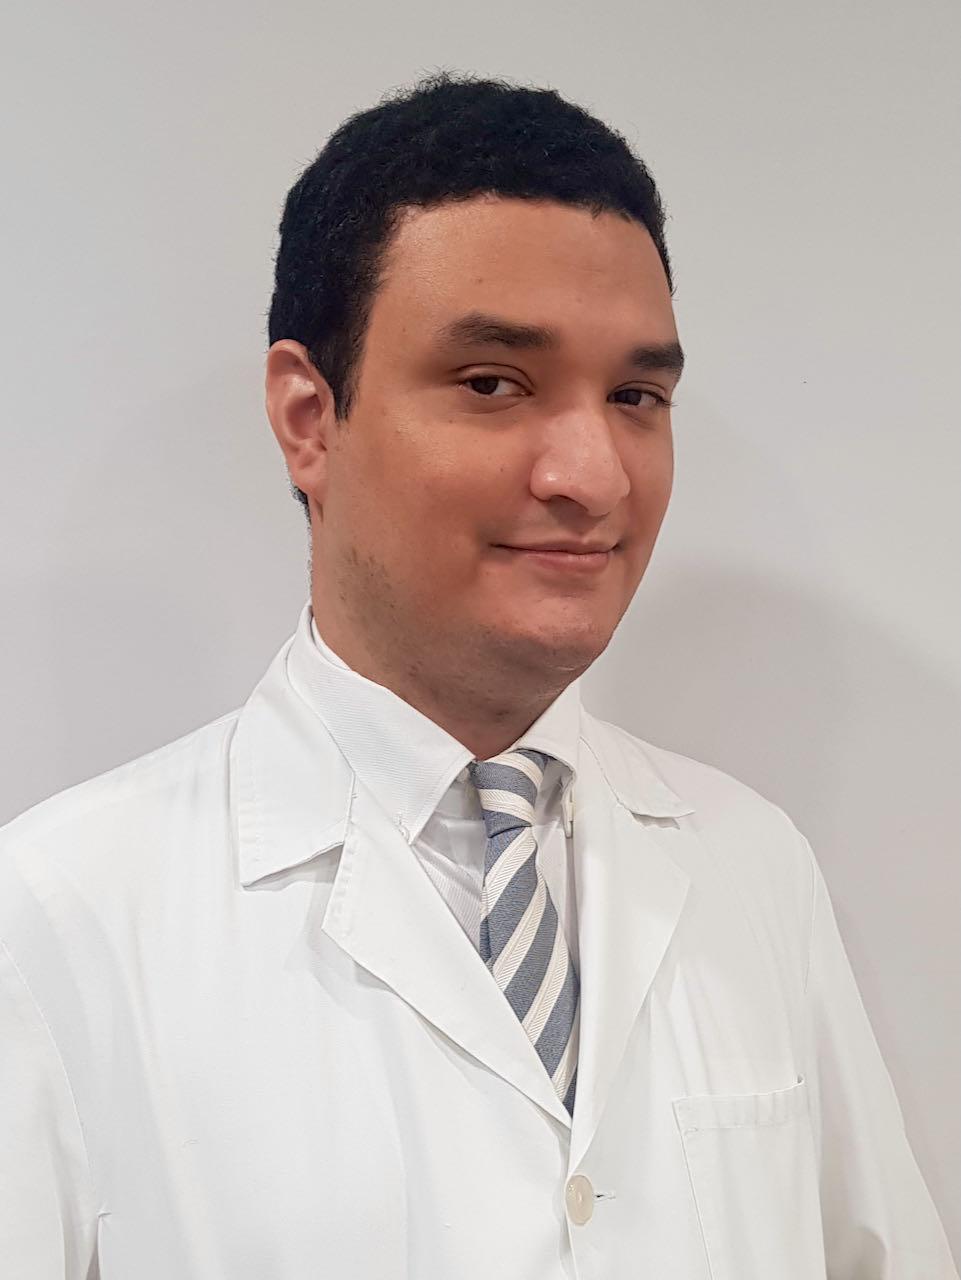 Dr. Carlos González Matos